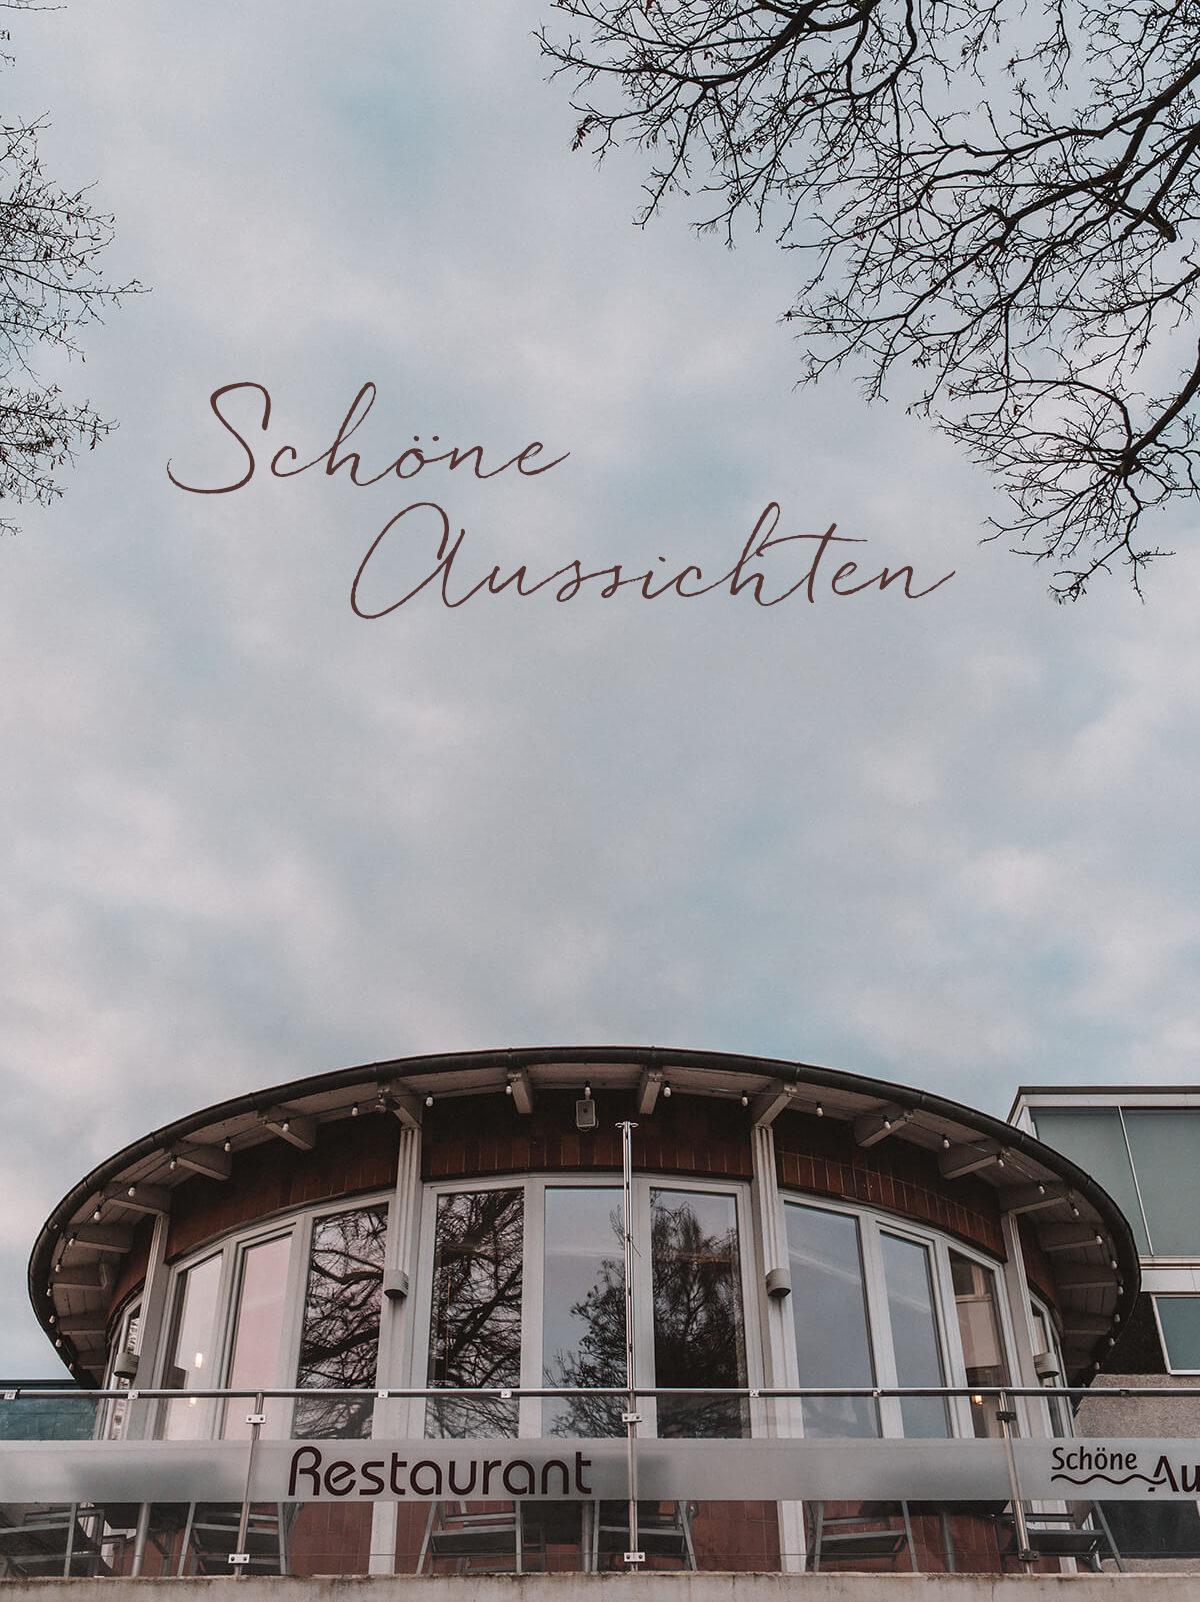 Restaurant Schöne Aussichten Kiel